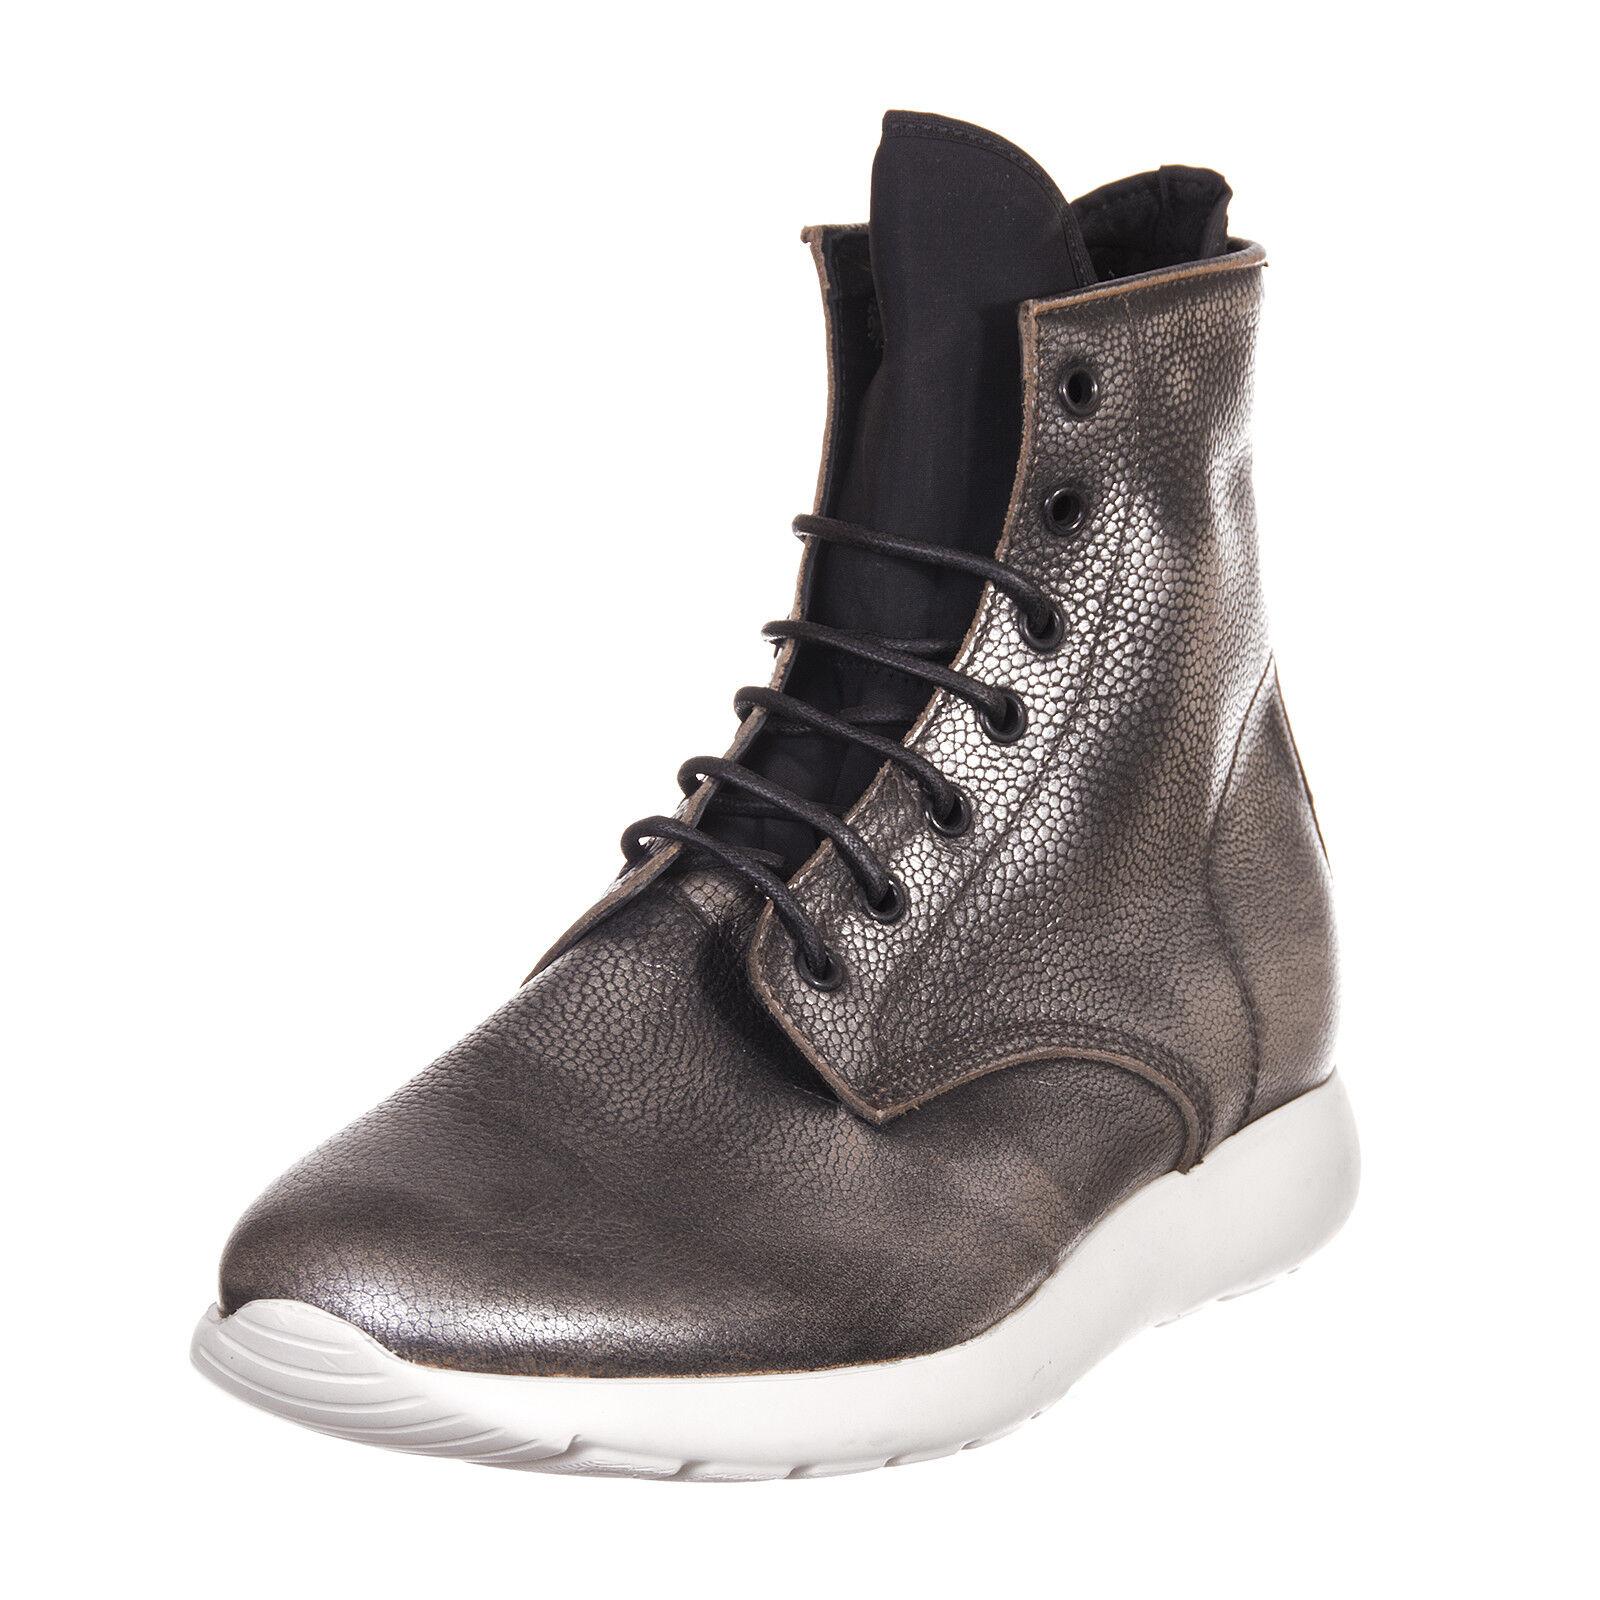 Descuento de la marca BEPOSITIVE scarpa shoes campionario sample uomo man grigio grey EU 43 - 800 M72